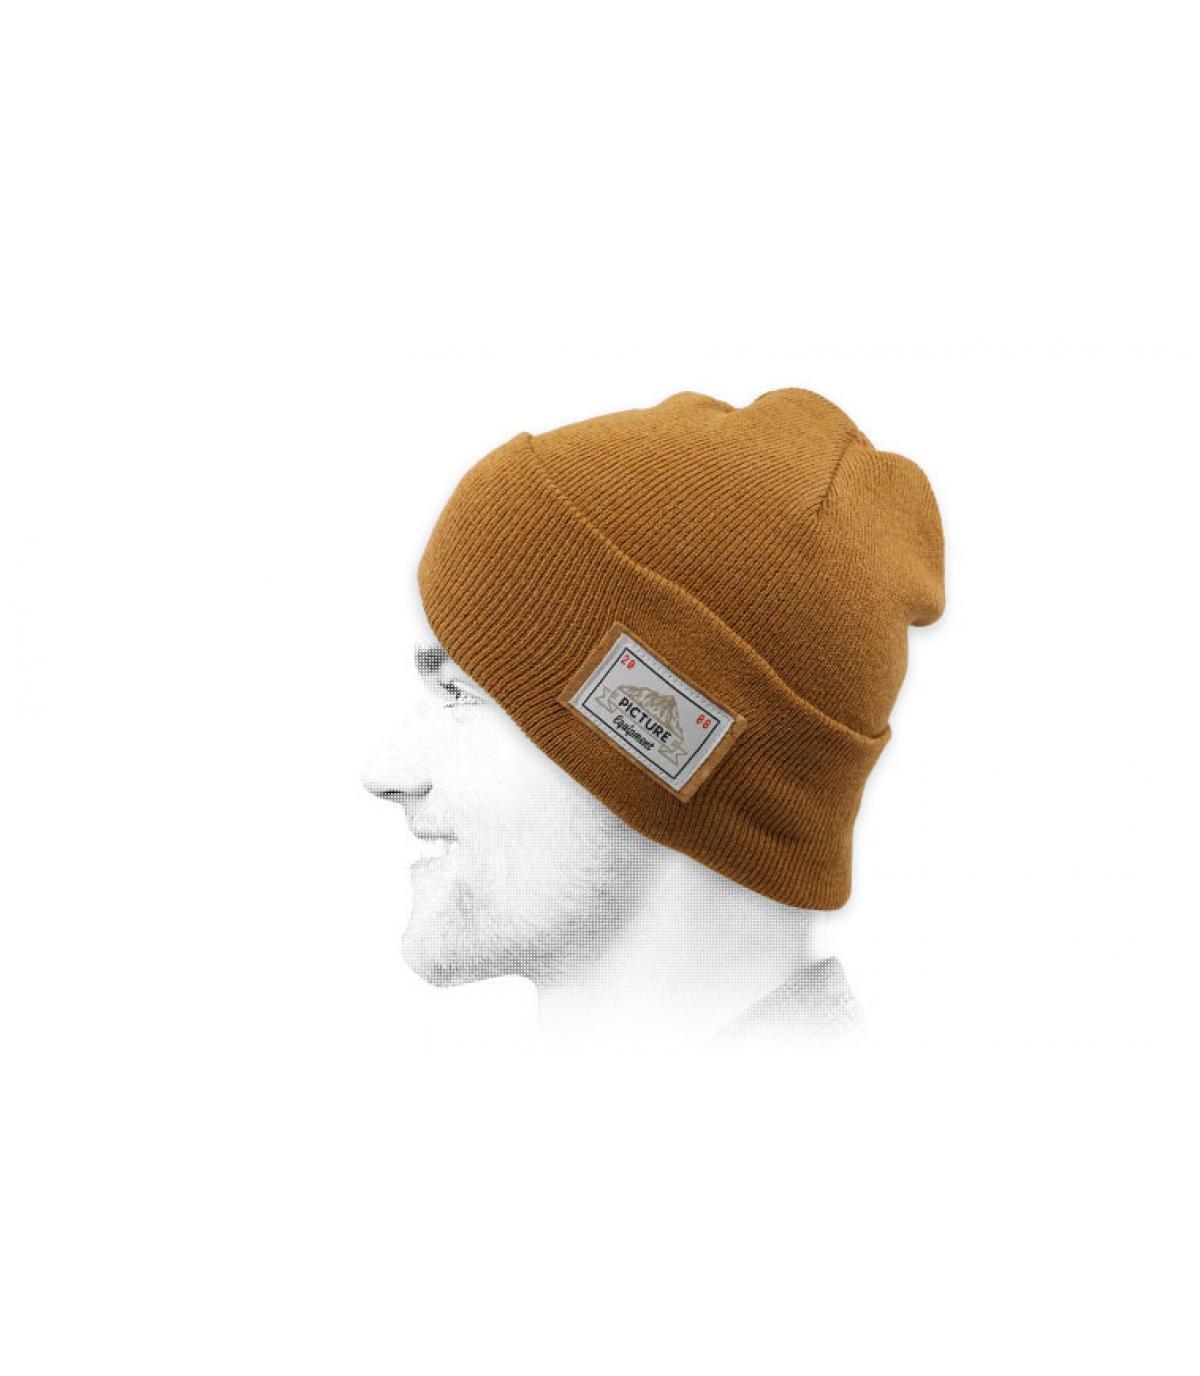 cappello bavero beige Immagine